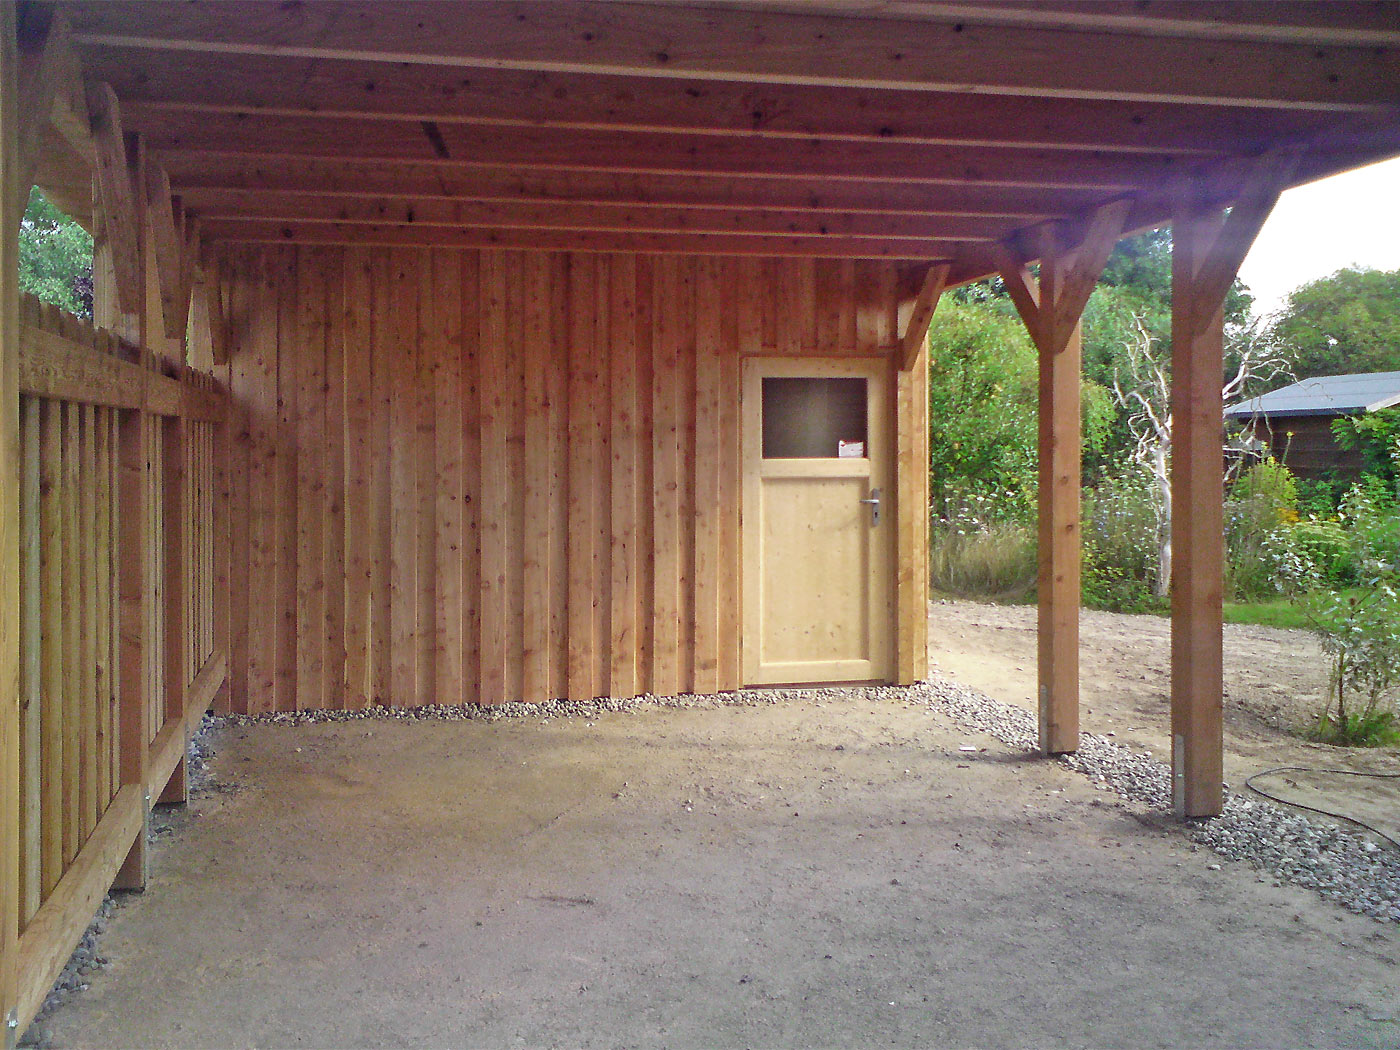 Gartenhaus Outdoor Küche : Outdoor küche gartenhaus mit und weka testbericht